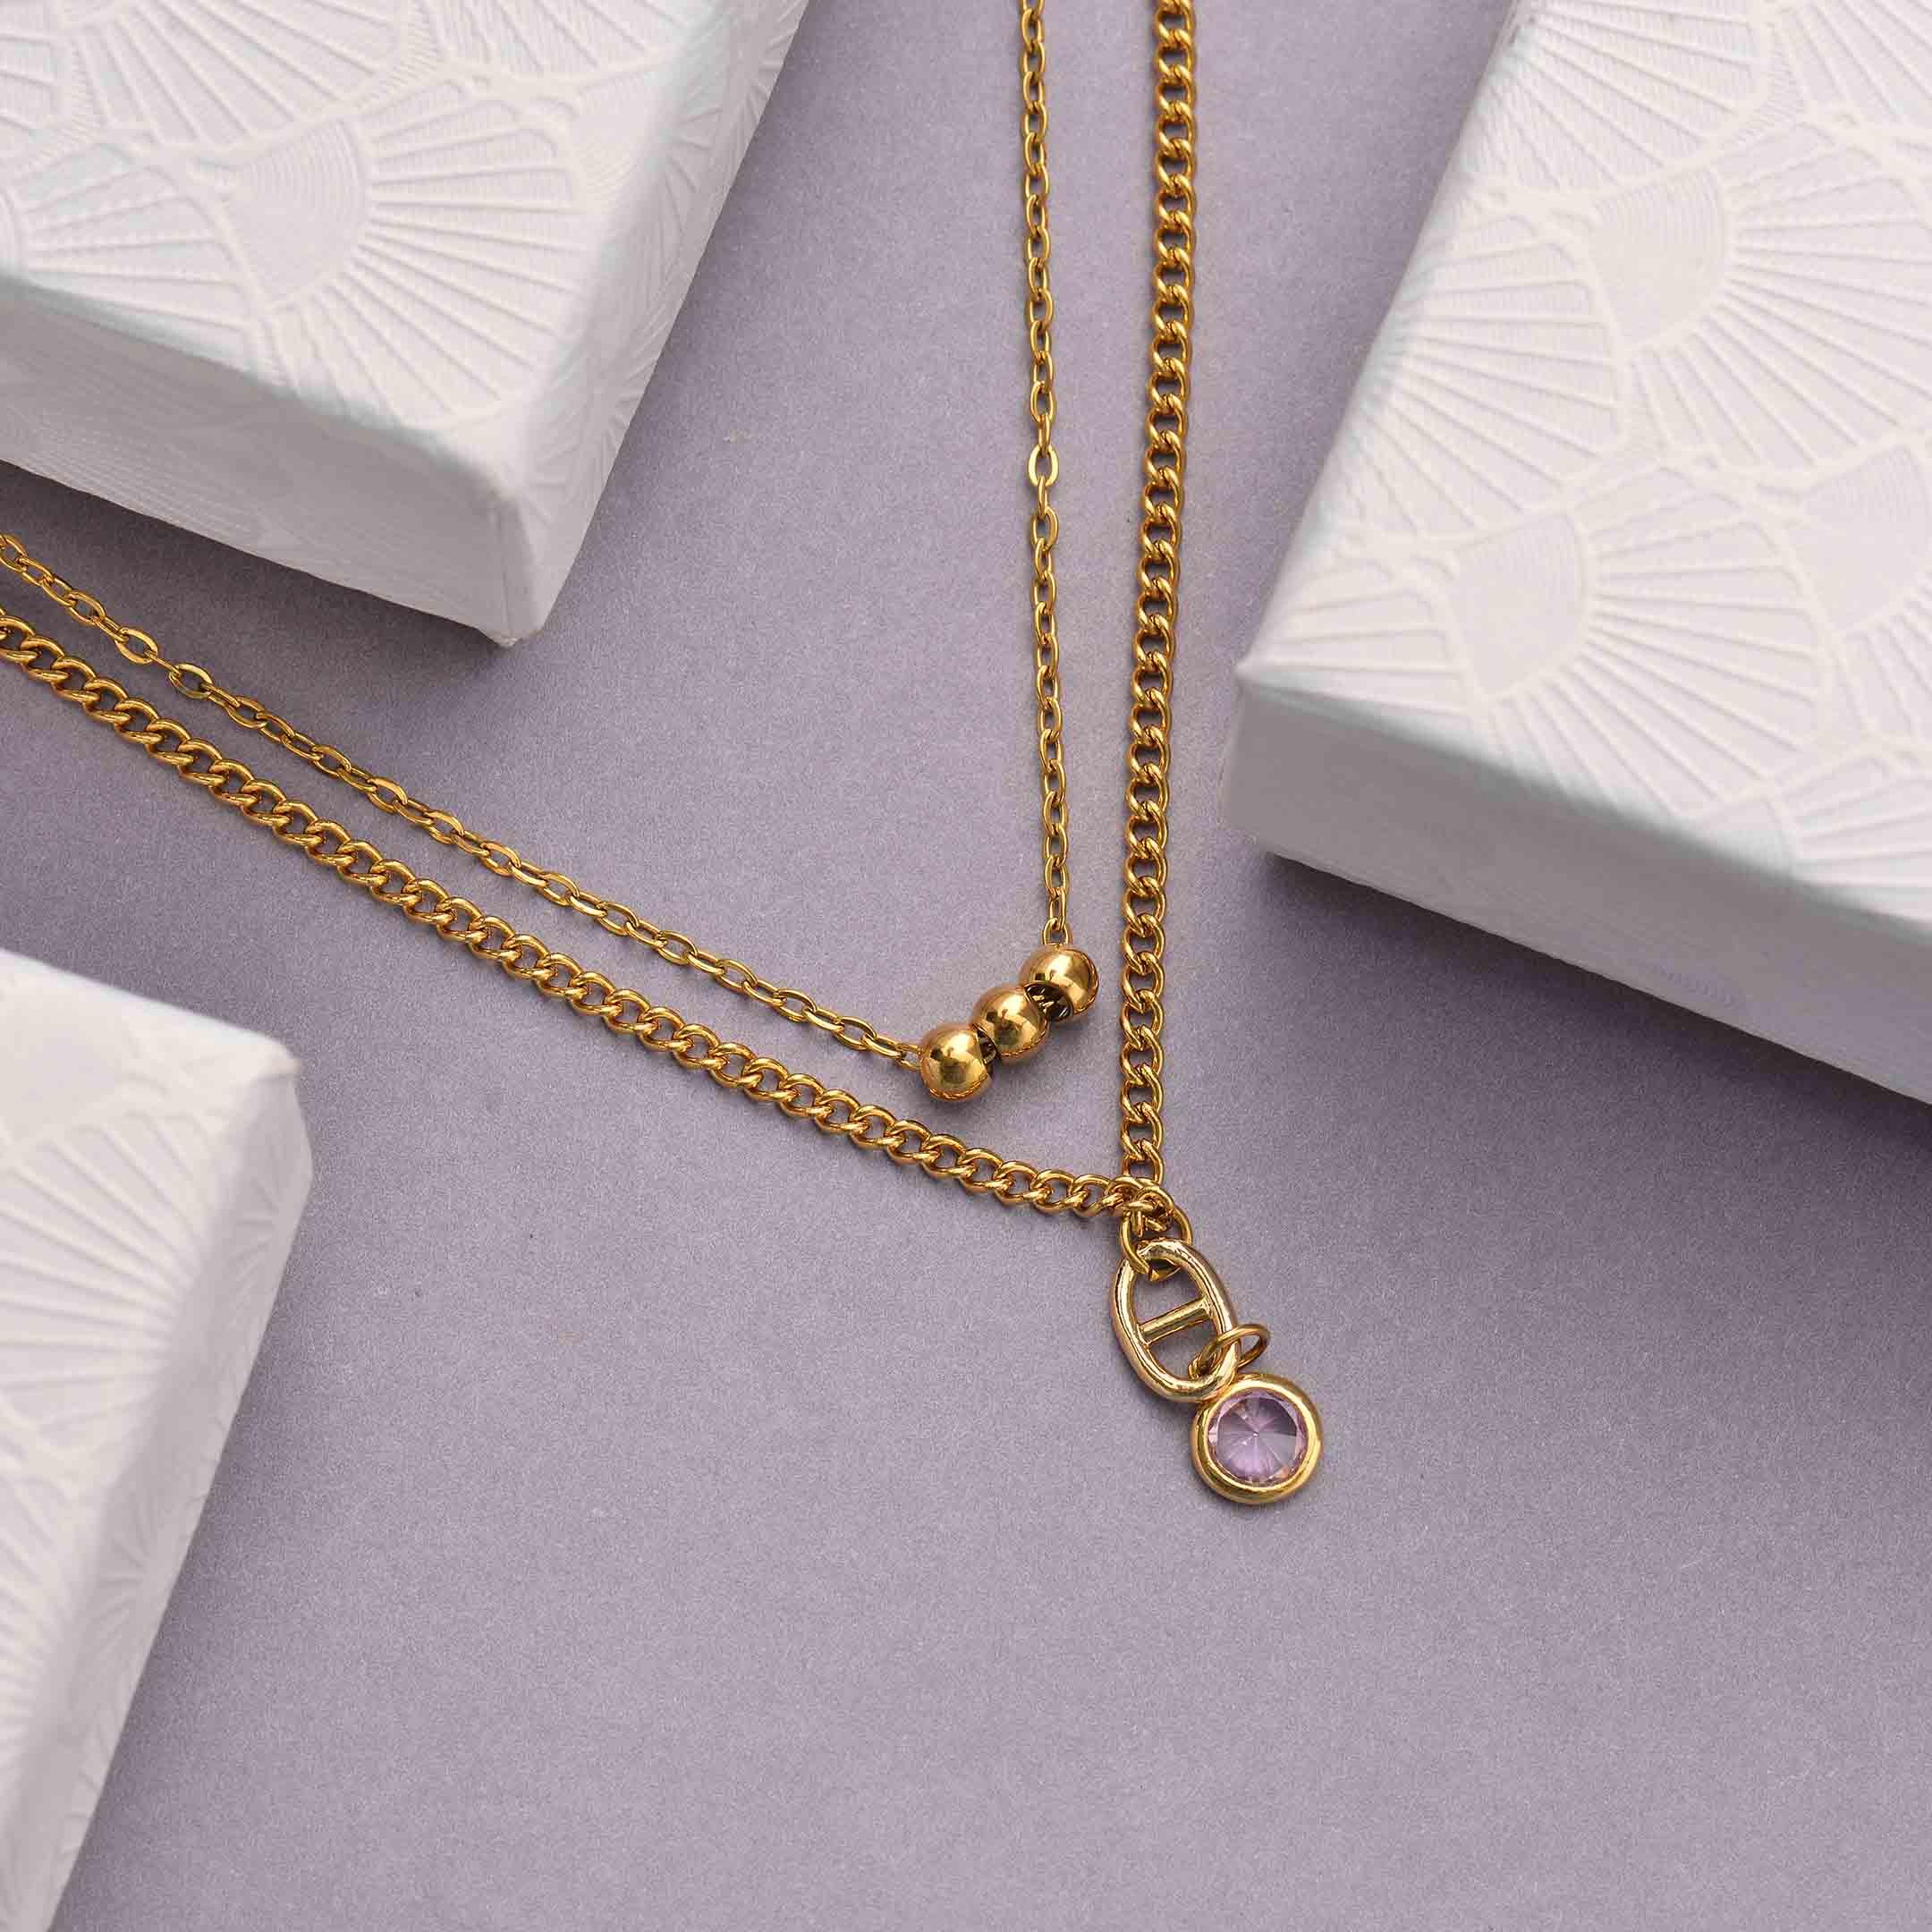 Collares de Acero Inoxidable para Mujer al por Mayor -SSNEG142-33805